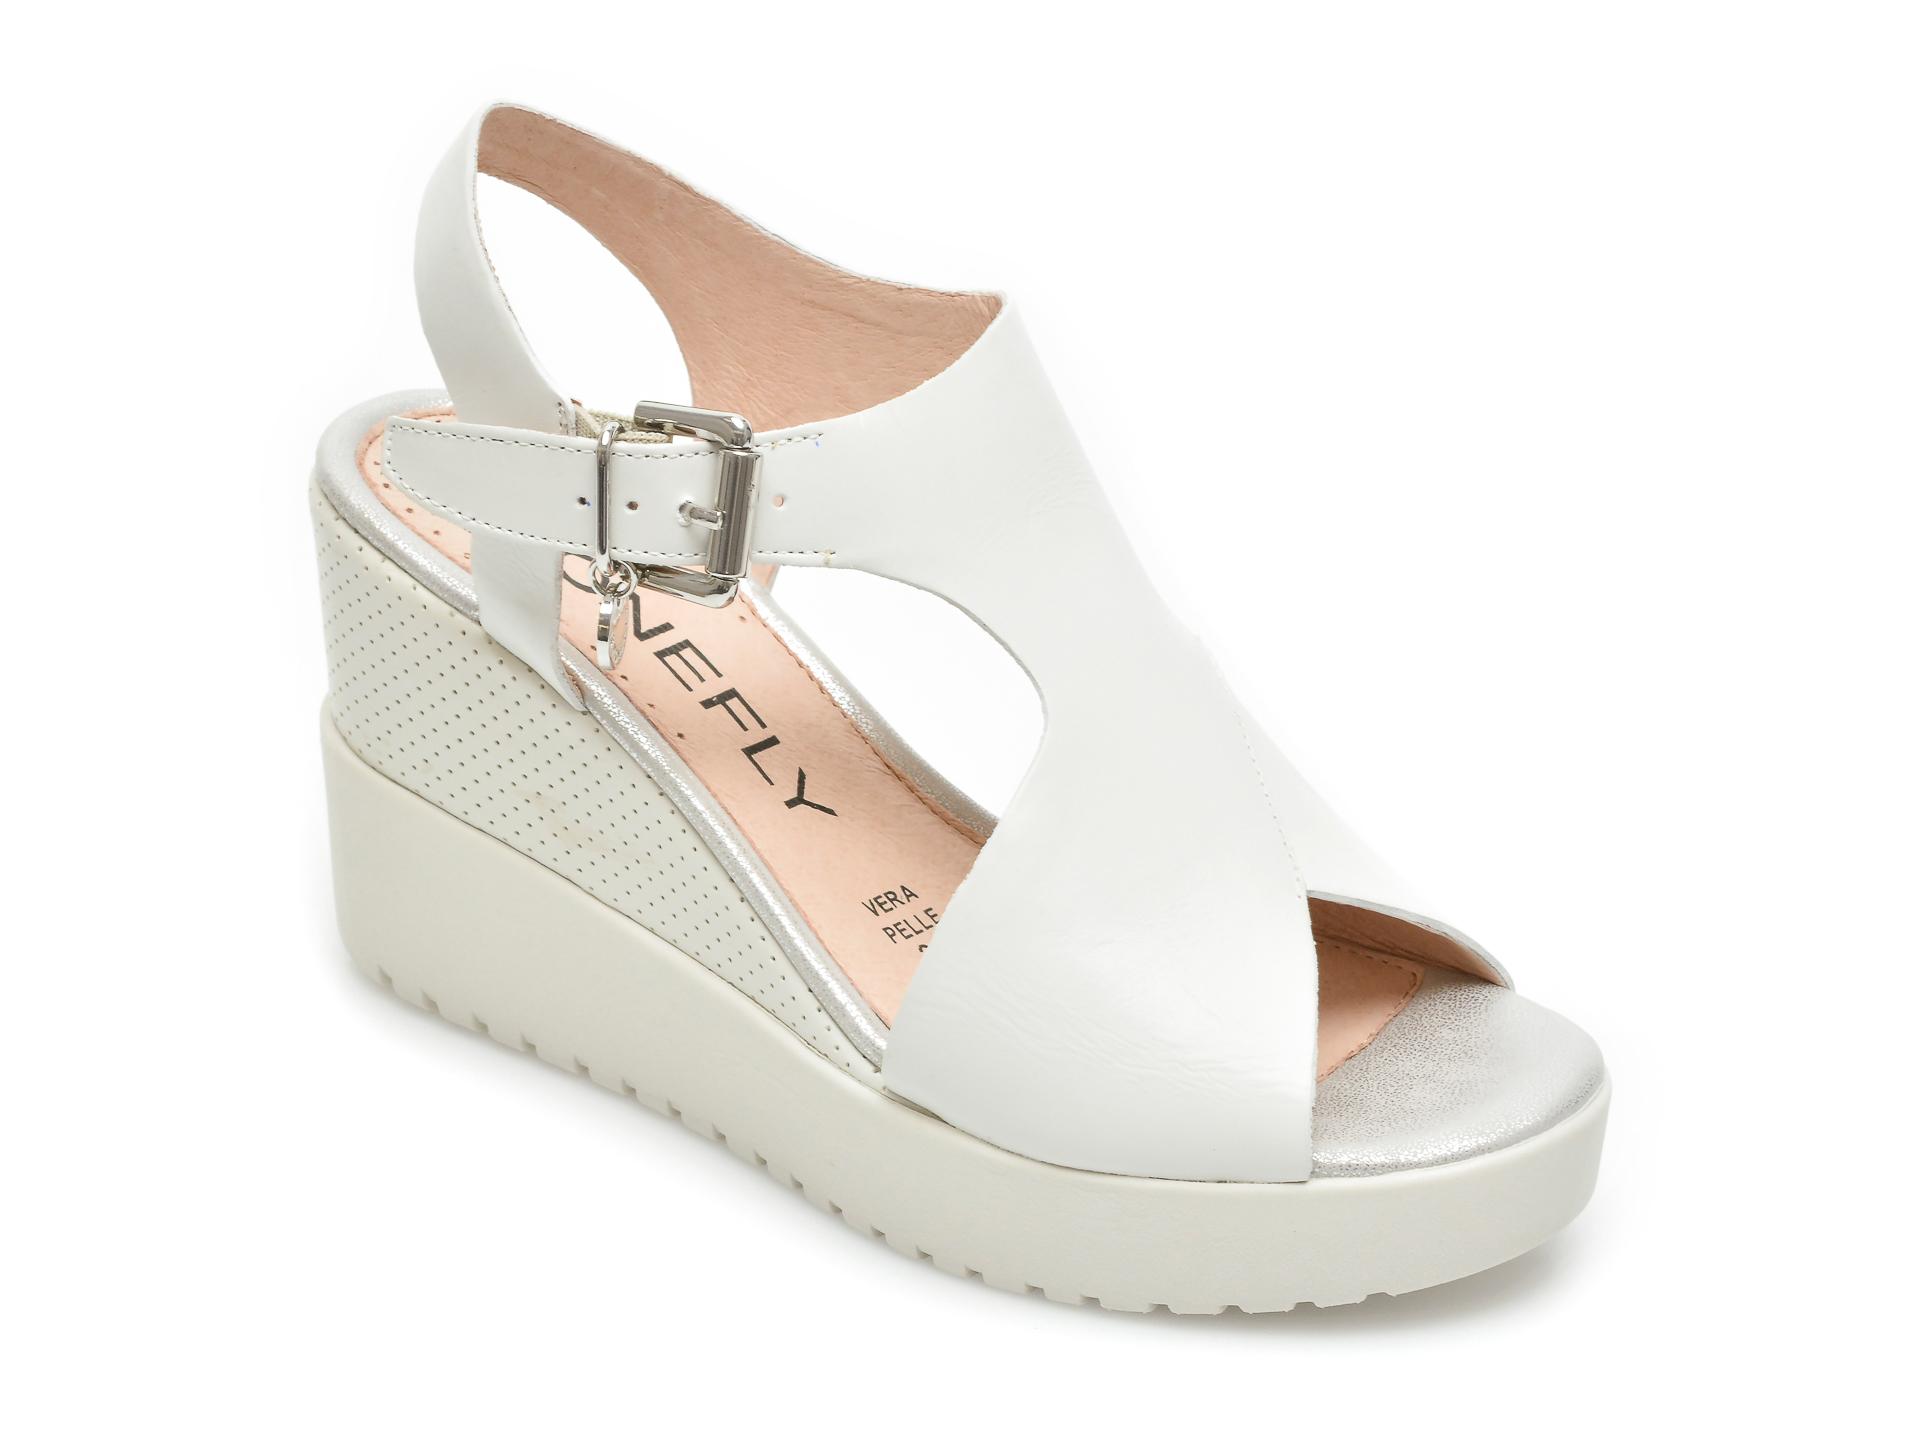 Sandale STONEFLY albe, Ely10, din piele naturala imagine otter.ro